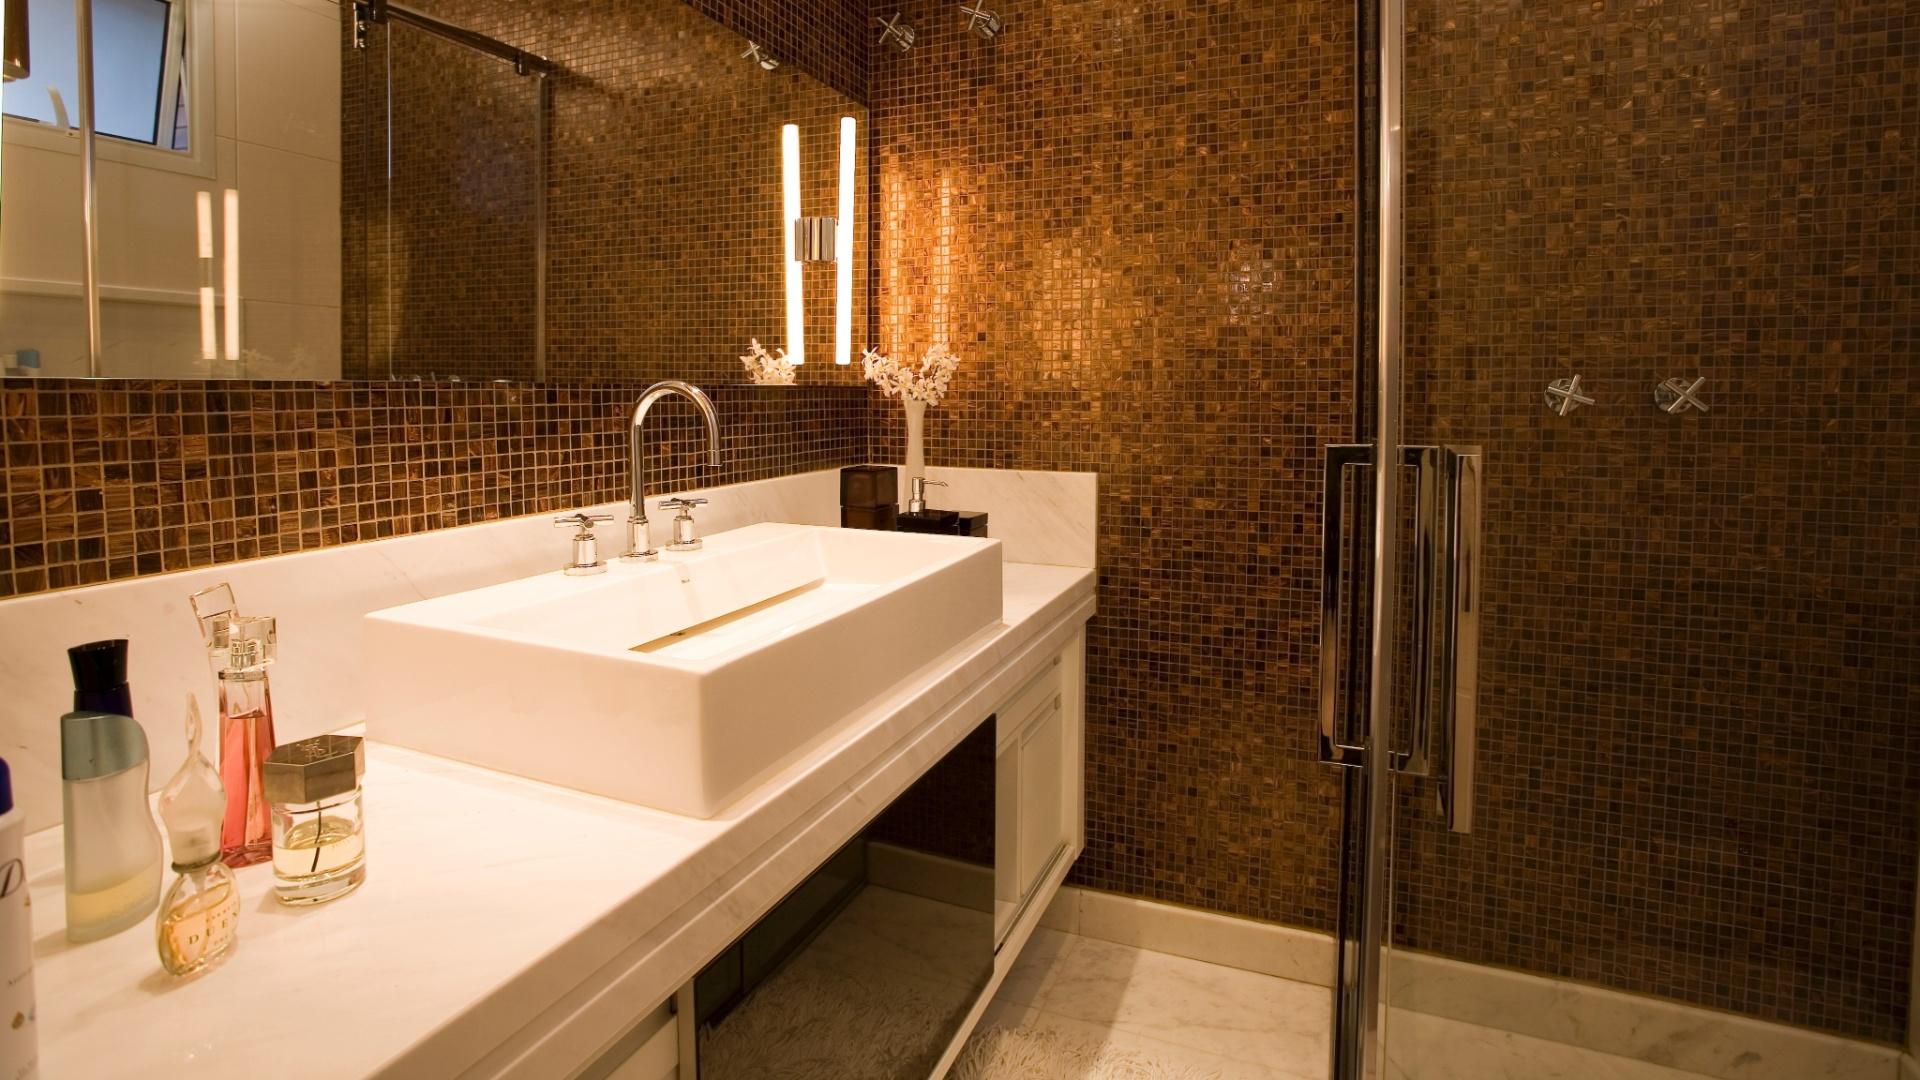 Banheiros pequenos dicas de decoração para quem tem pouco espaço  BOL Fotos -> Banheiros Planejados Vermelho